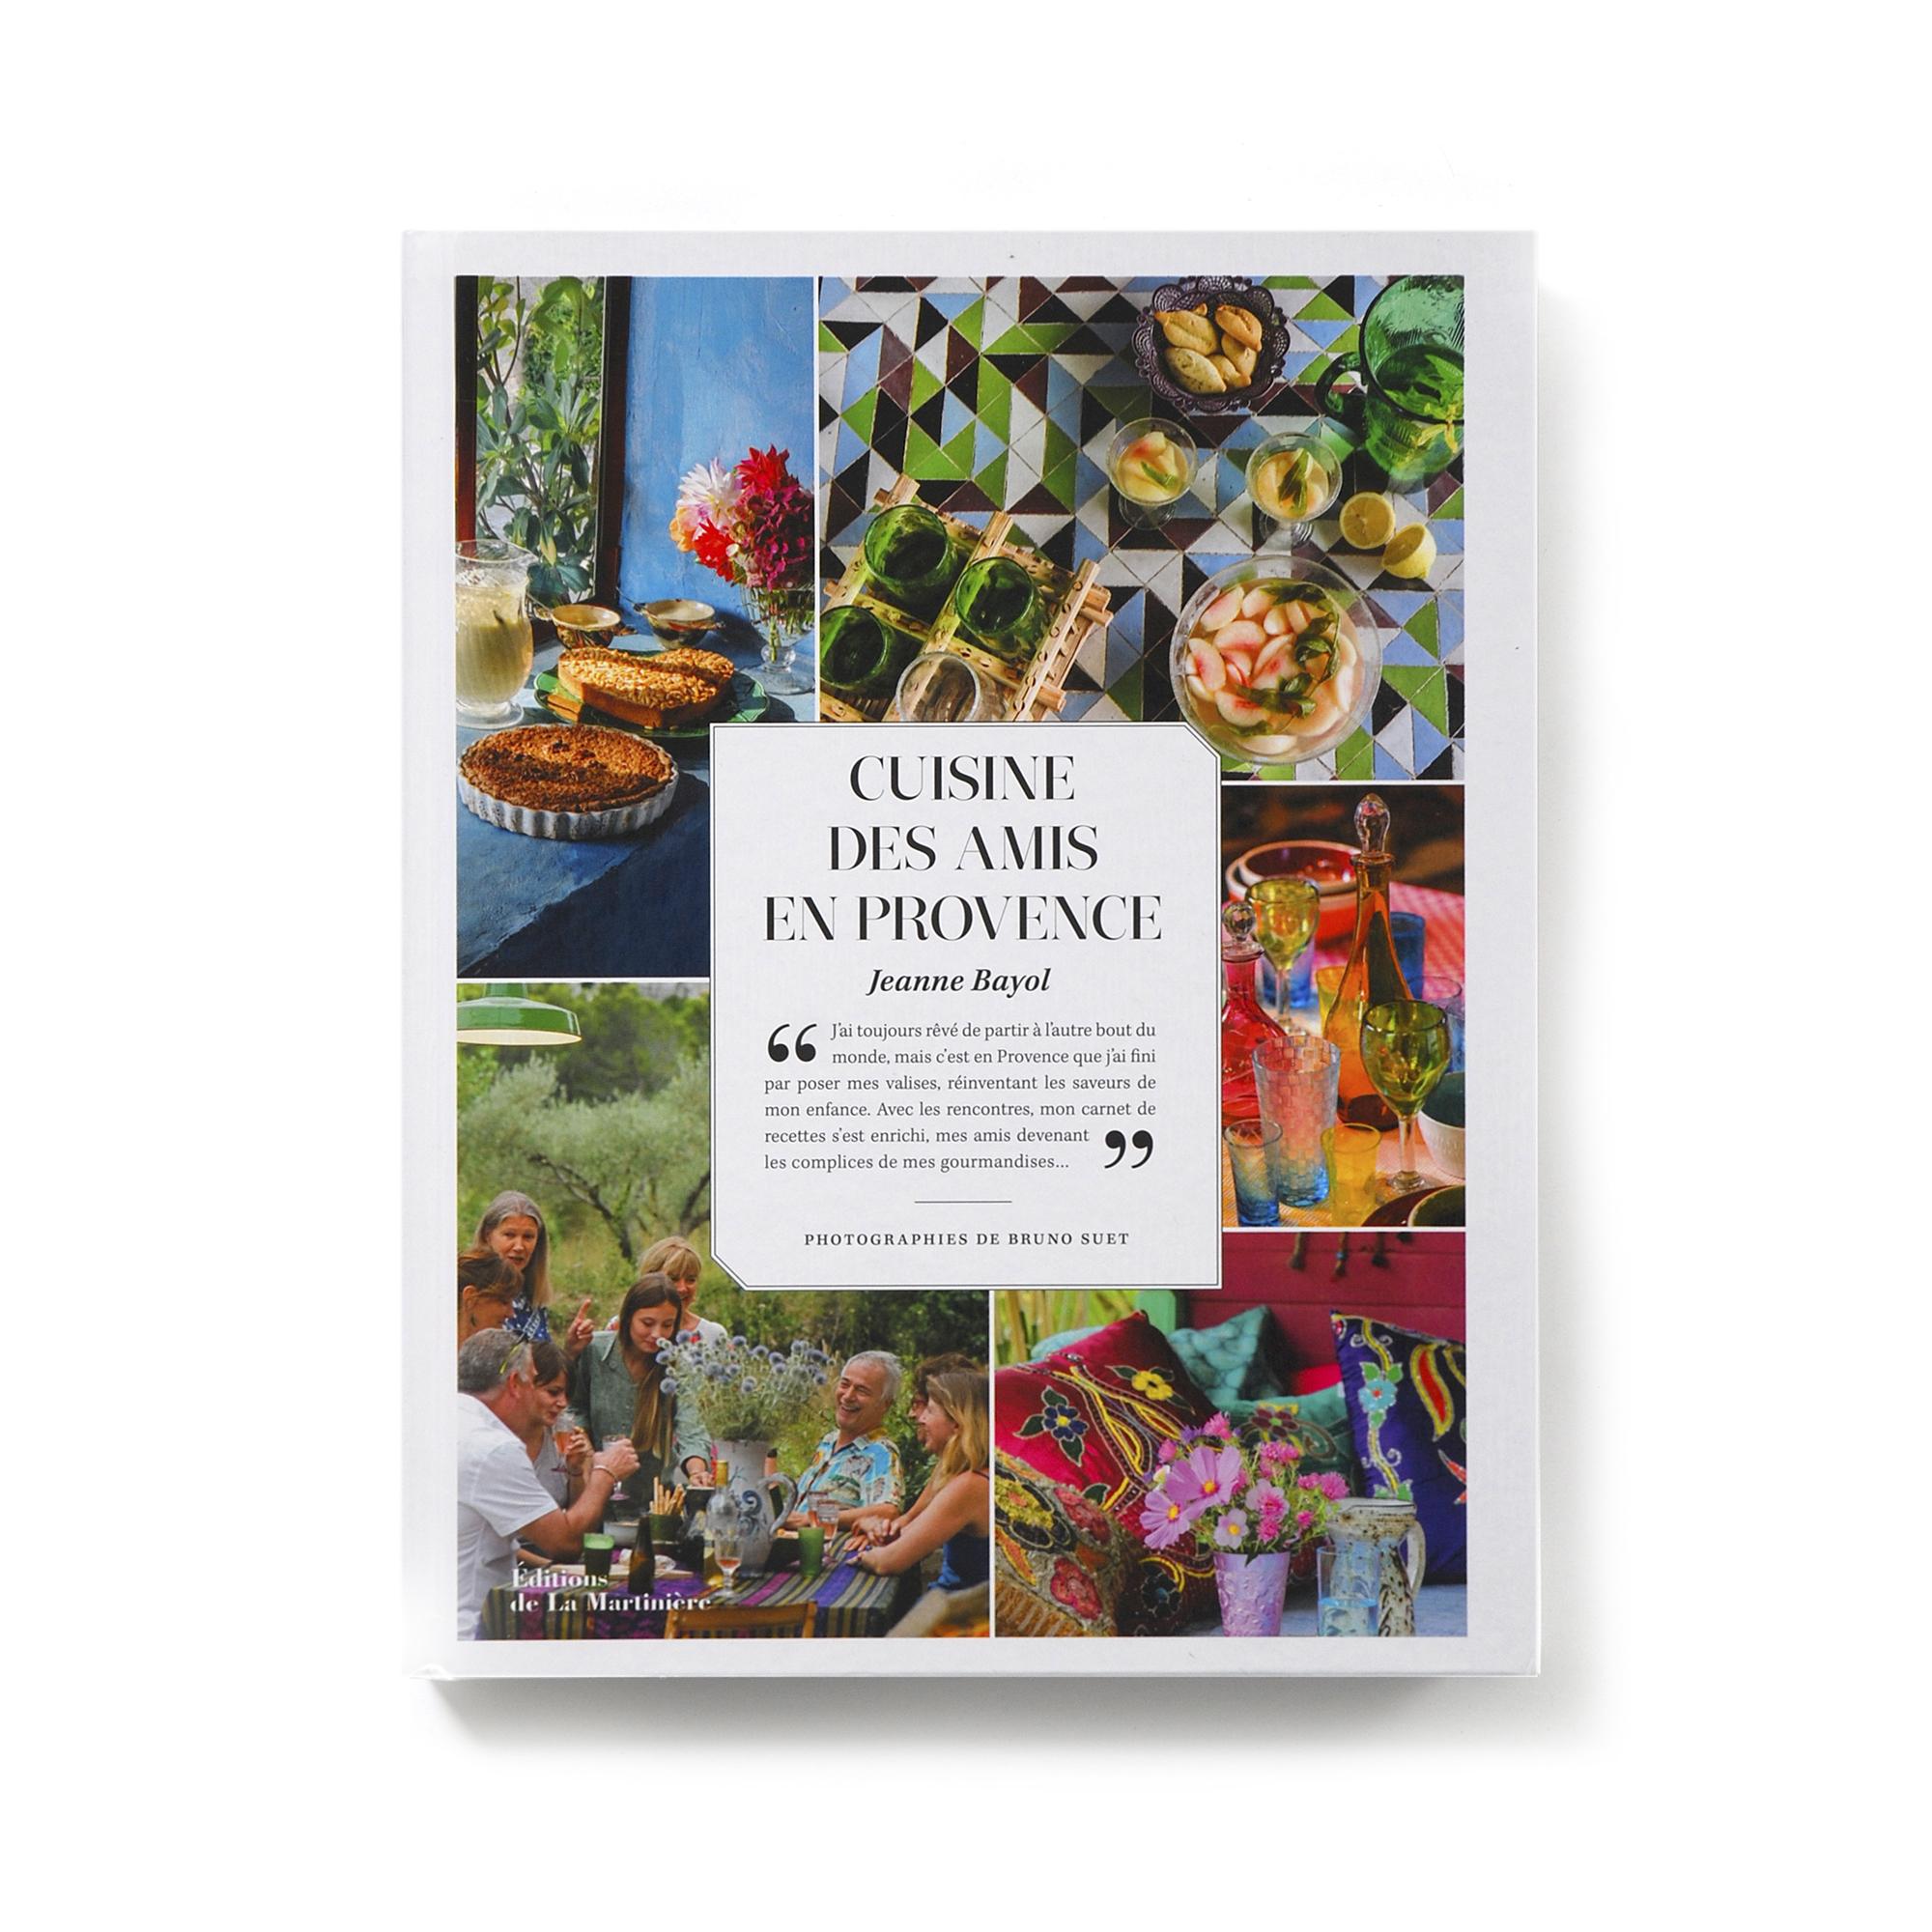 Cuisine des amis en Provence   Jeanne Bayol Éditions de La Martinière 192 pages